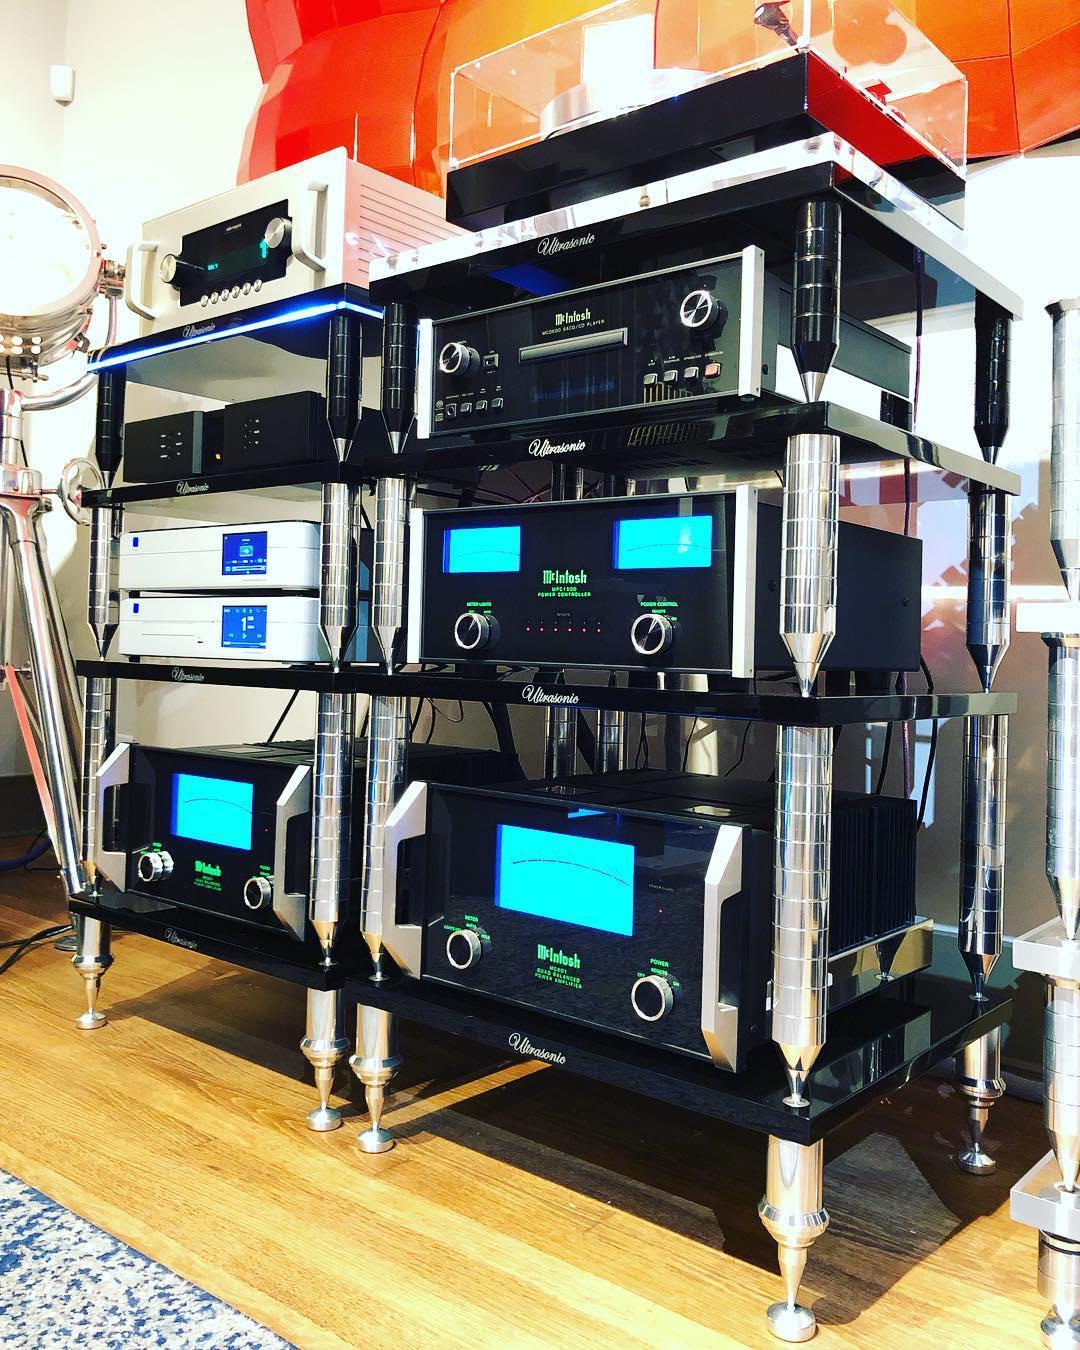 3mA Audio image 2